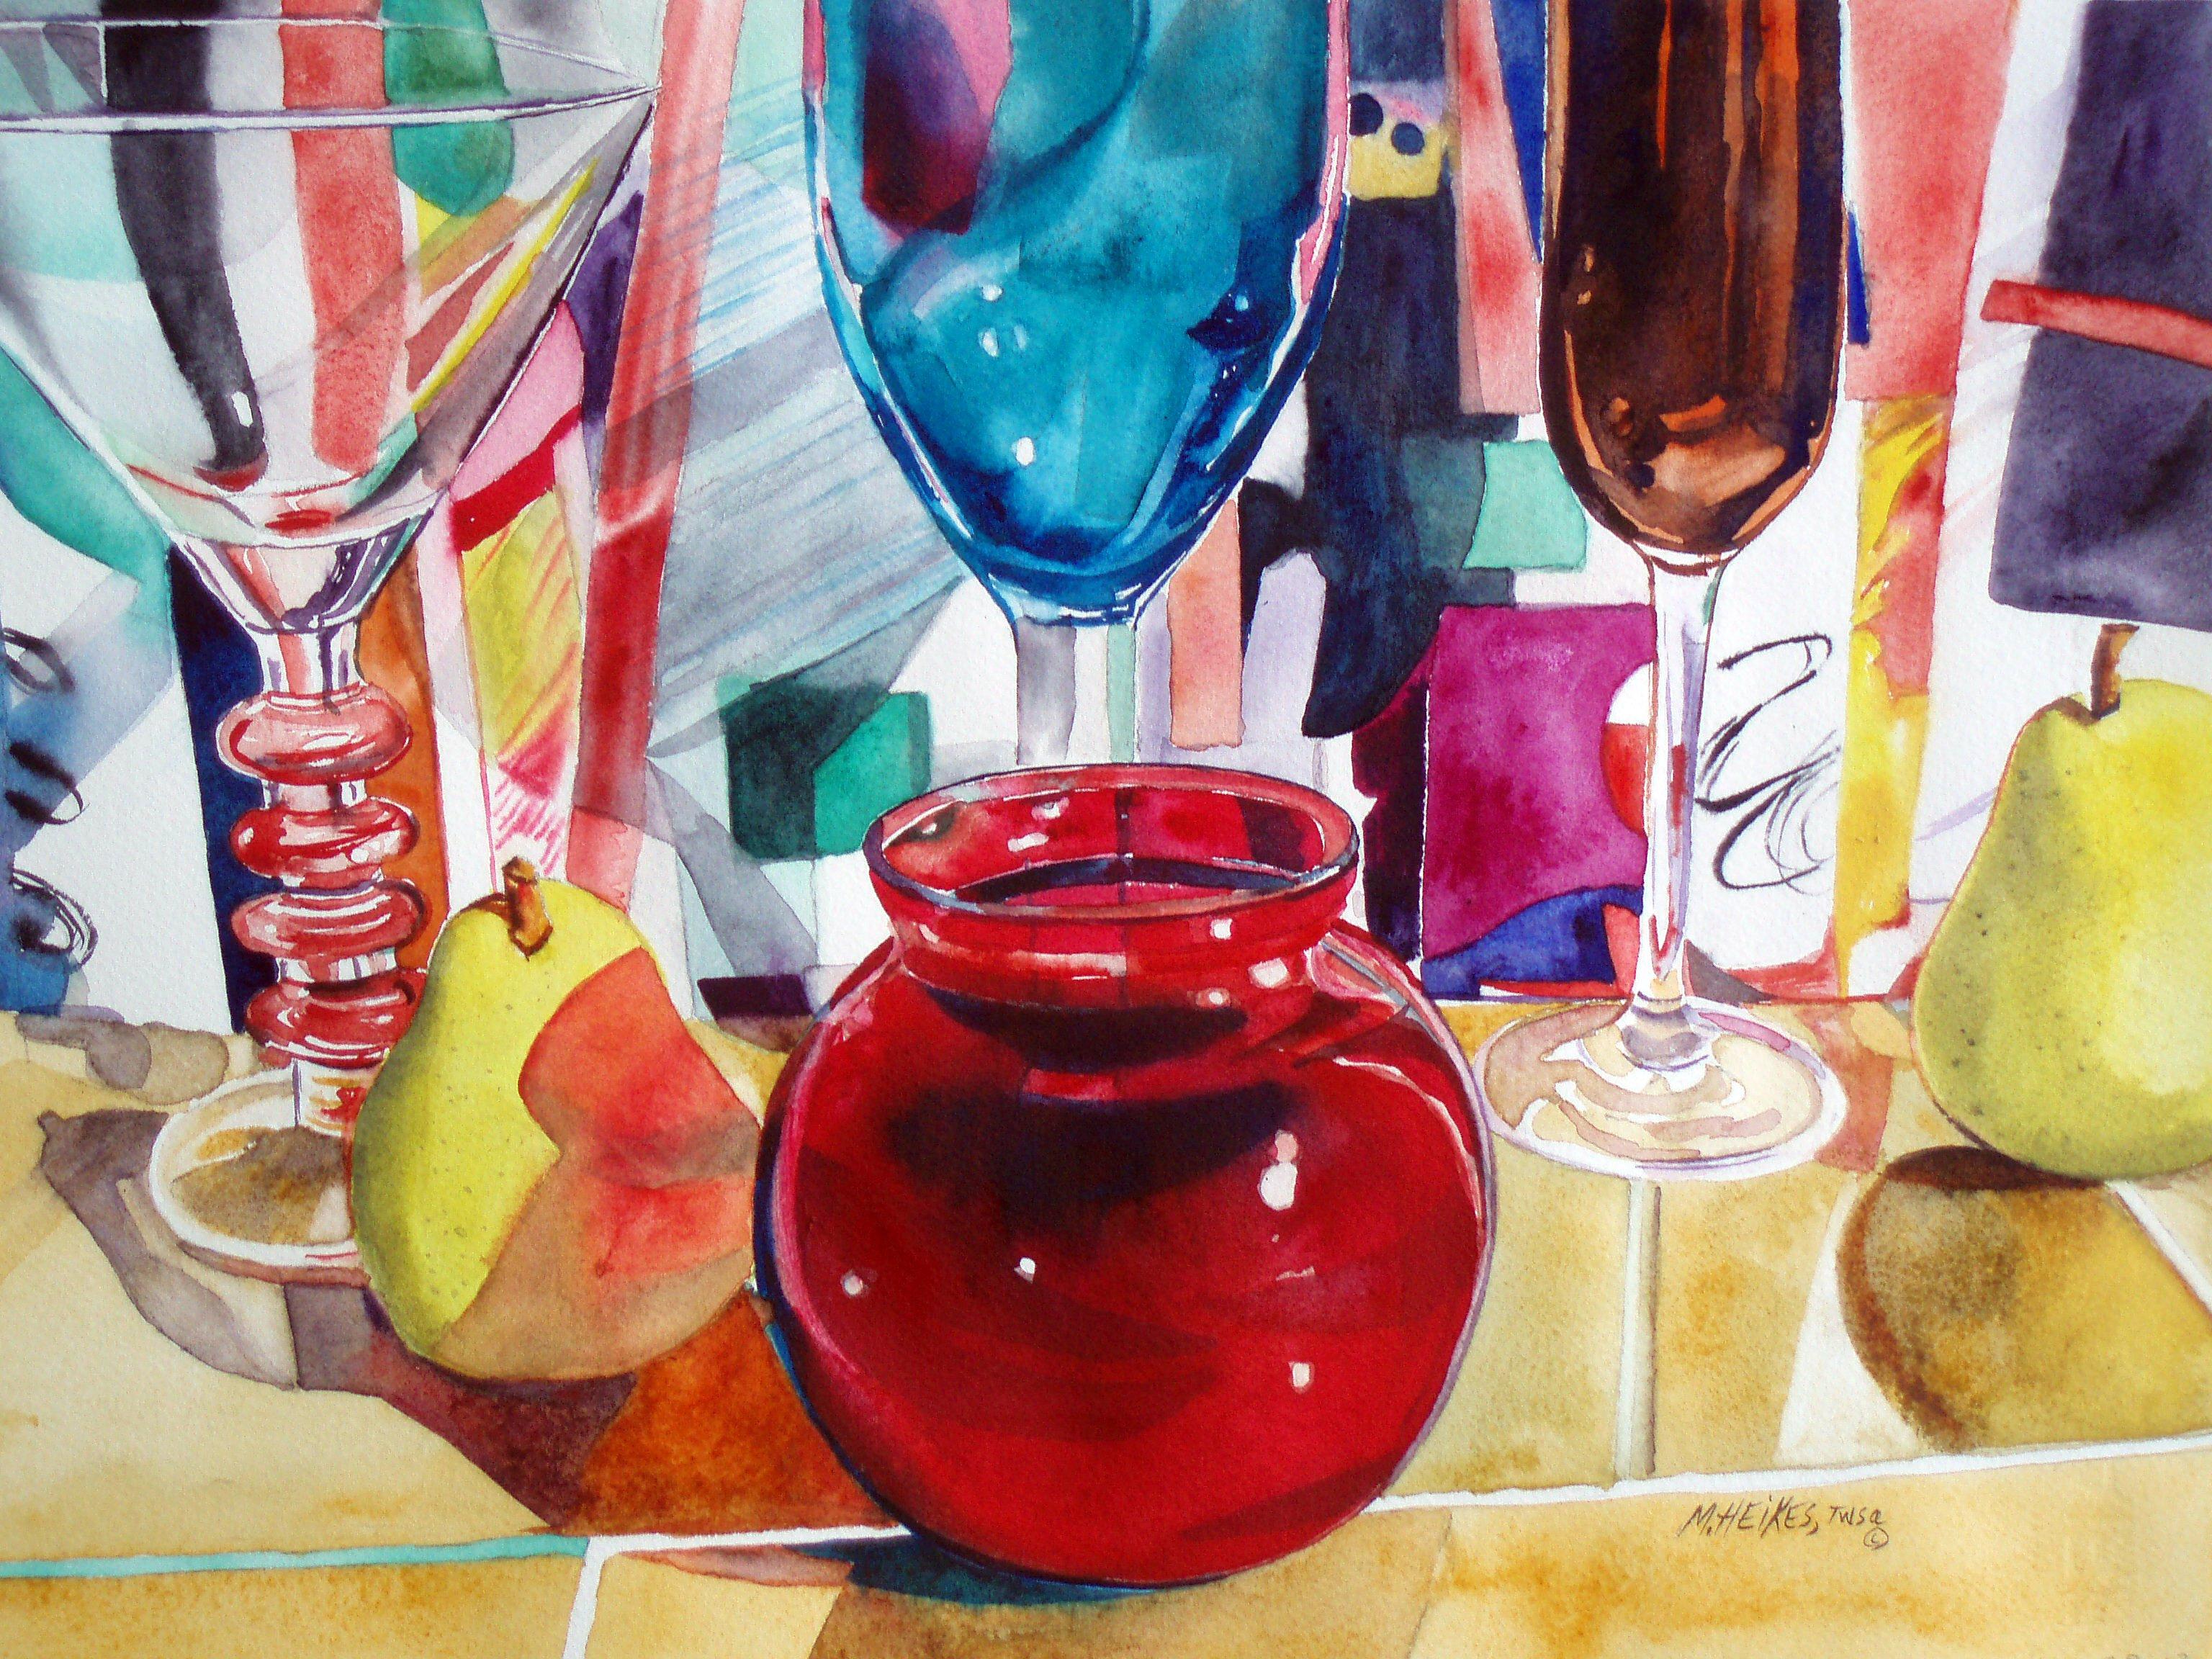 Ruby Vase & Pears